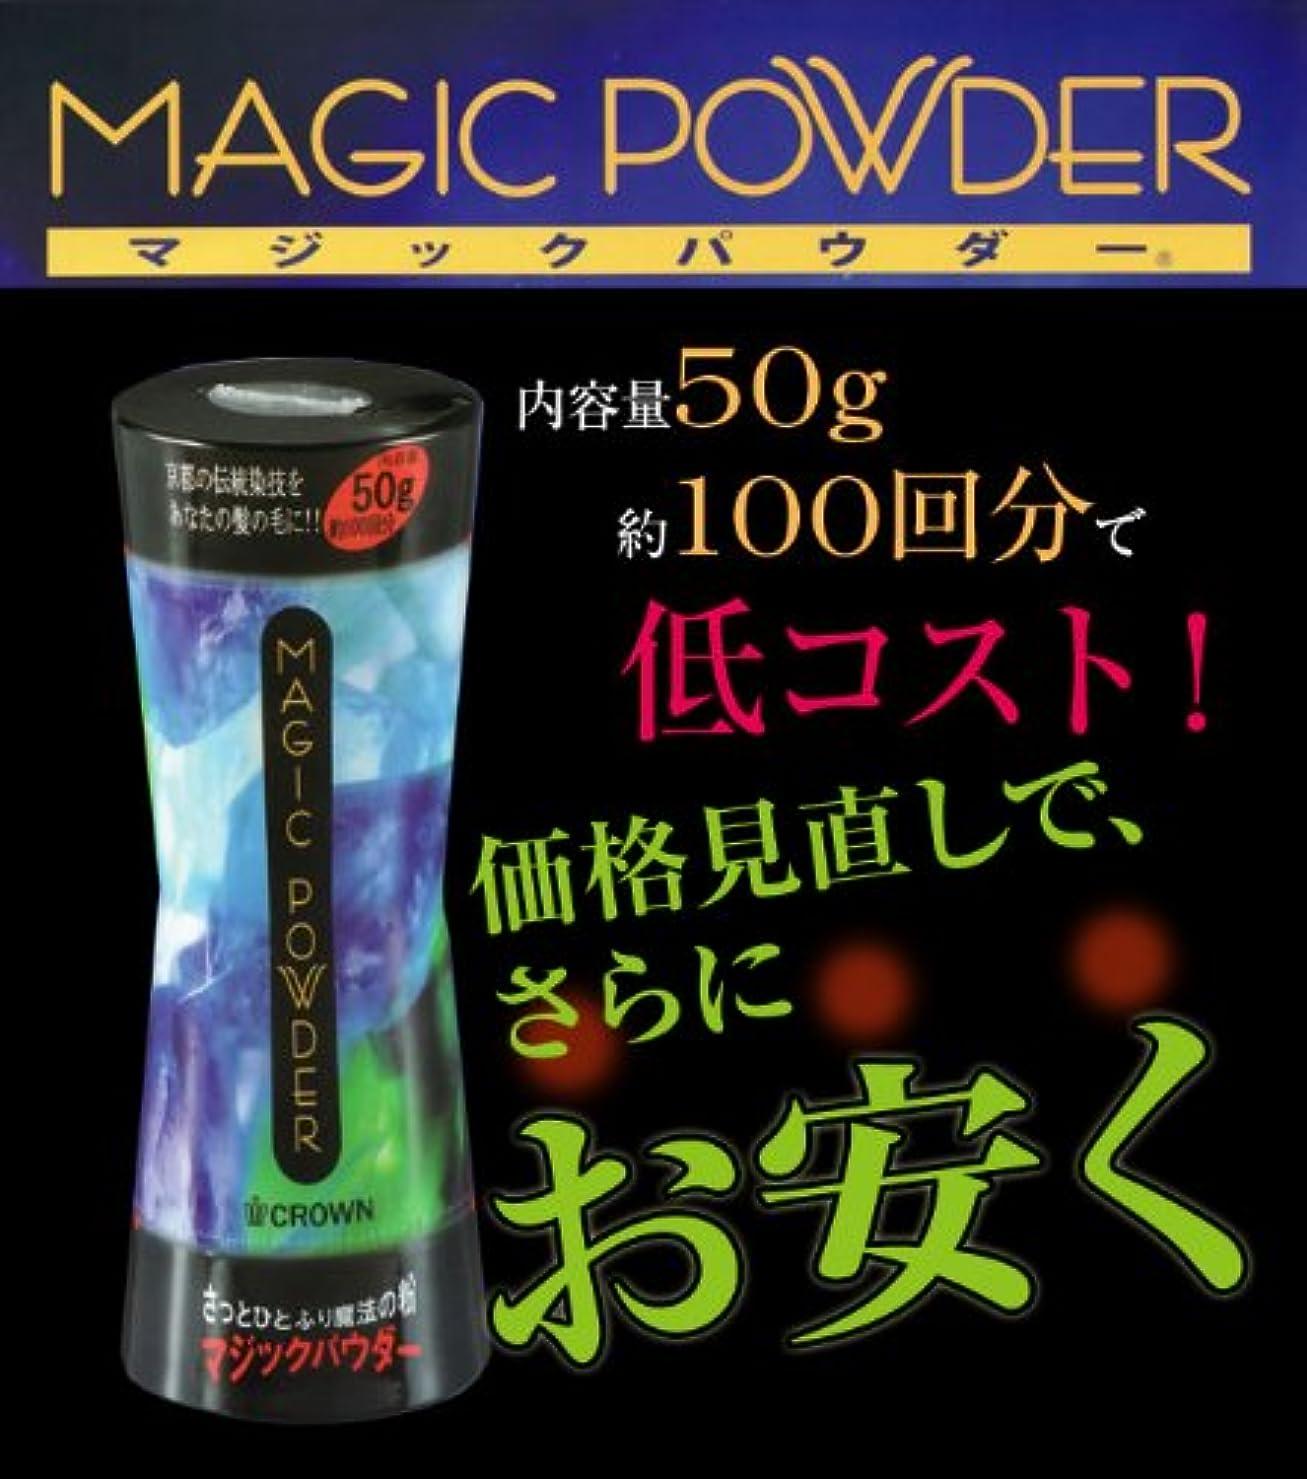 手配するスクラッチアーチマジックパウダー 50g 【グレー】【約100回分】【男女兼用】【MAGIC POWDER】薄毛隠し